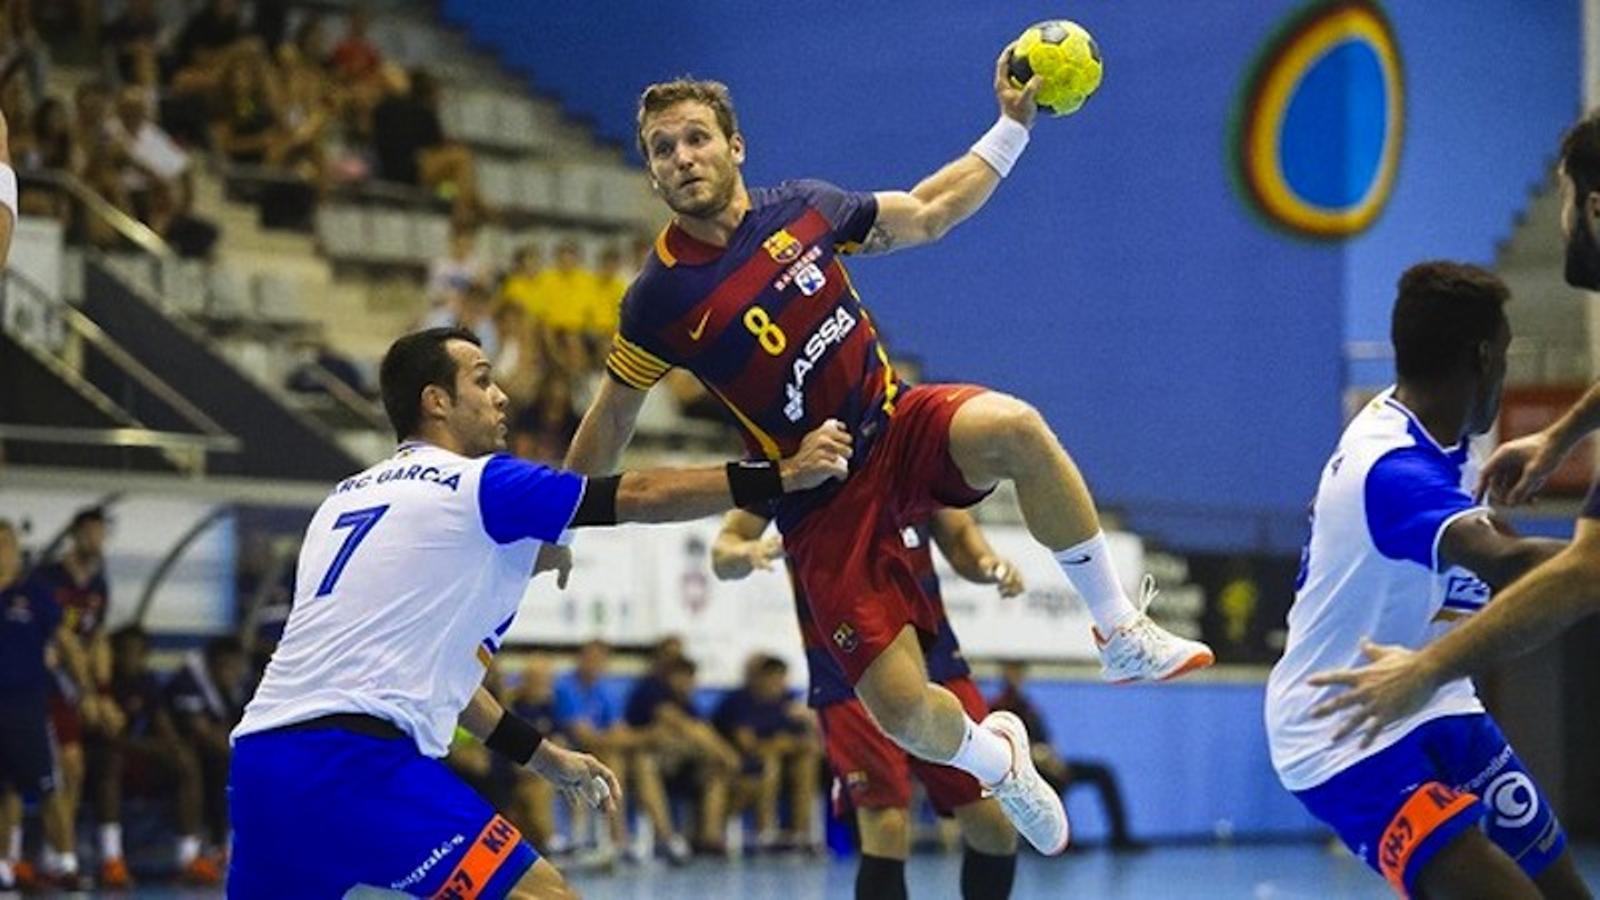 Víctor Tomàs durant la Supercopa de Catalunya / FCB